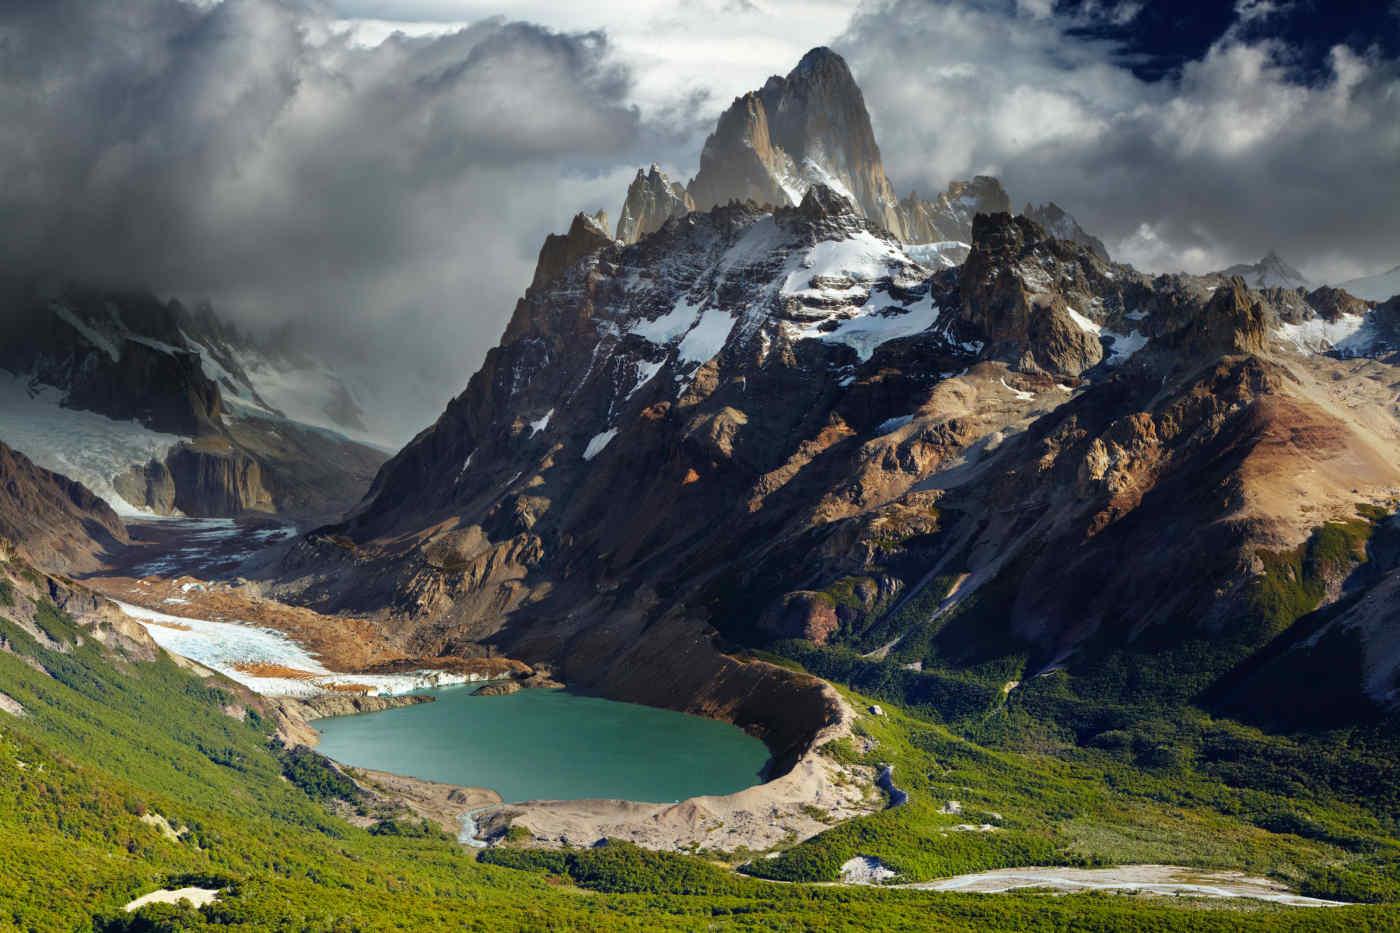 Mount Fitz Roy in Los Glaciares National Park